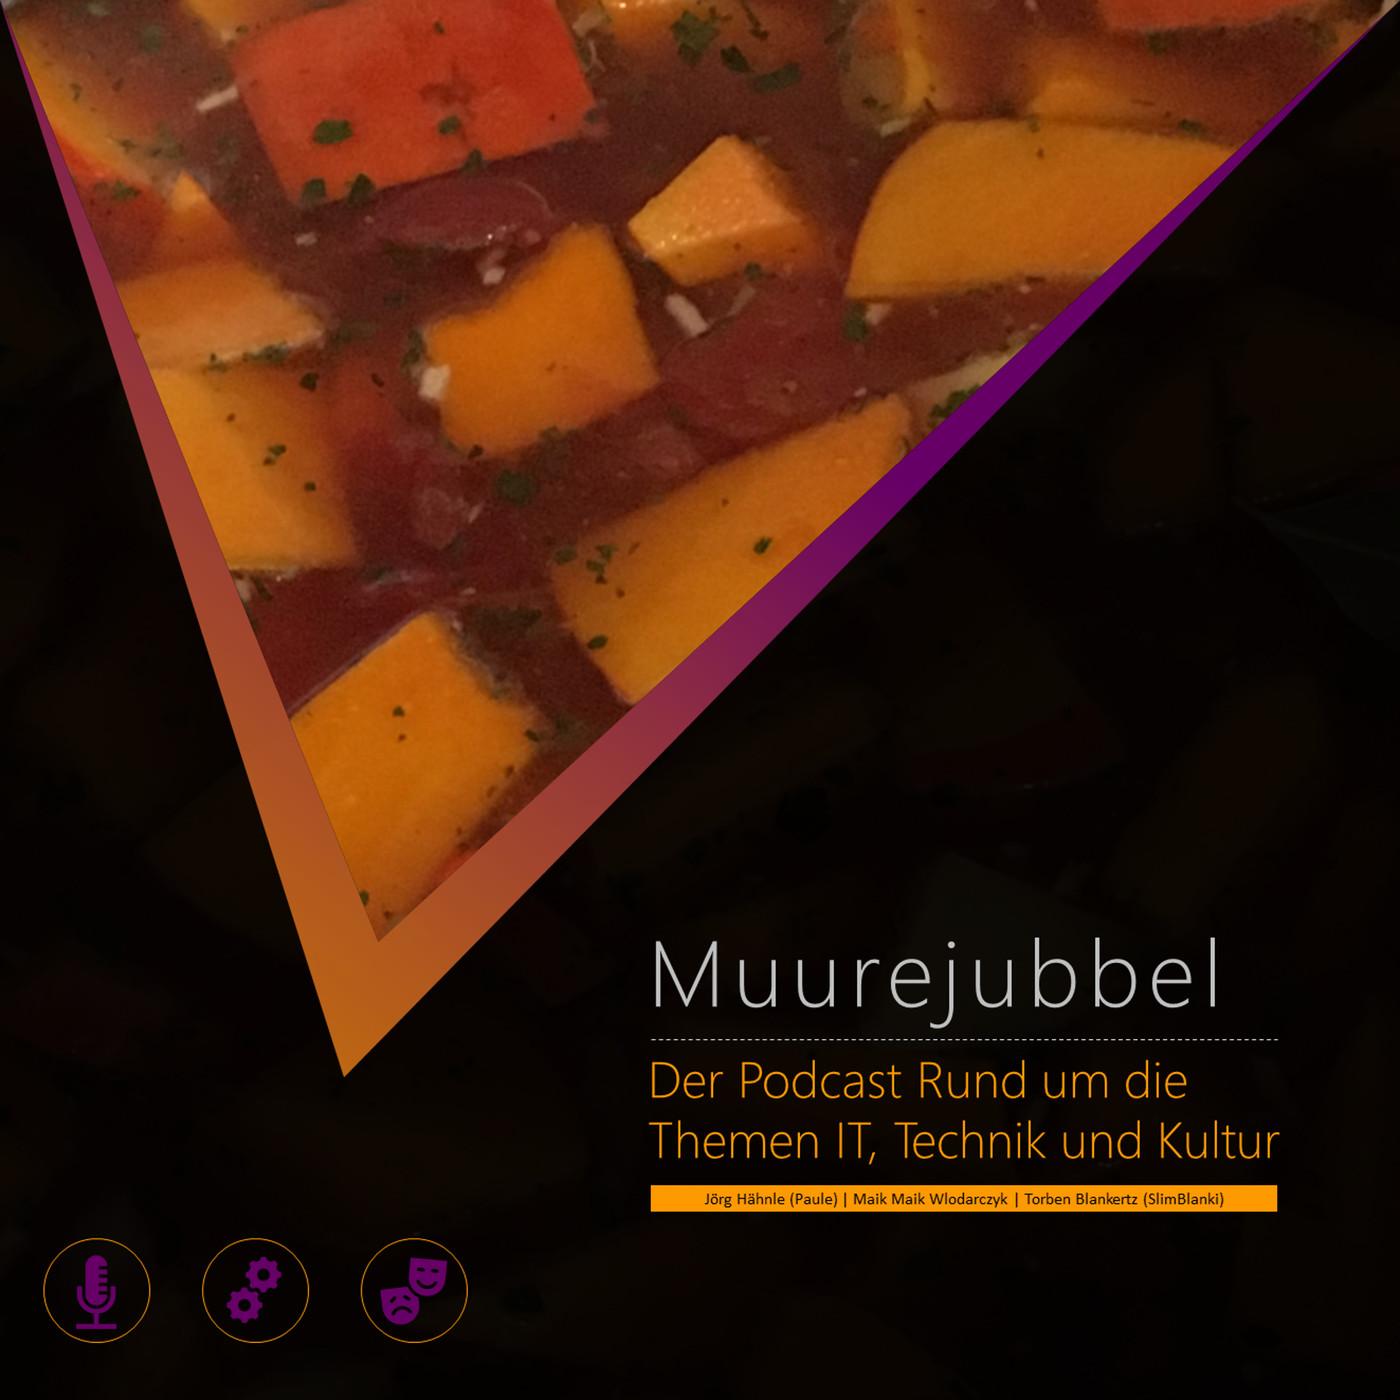 Muurejubbel 003 Die Dreibeinigen Fragezeichen In Muurejubbel In